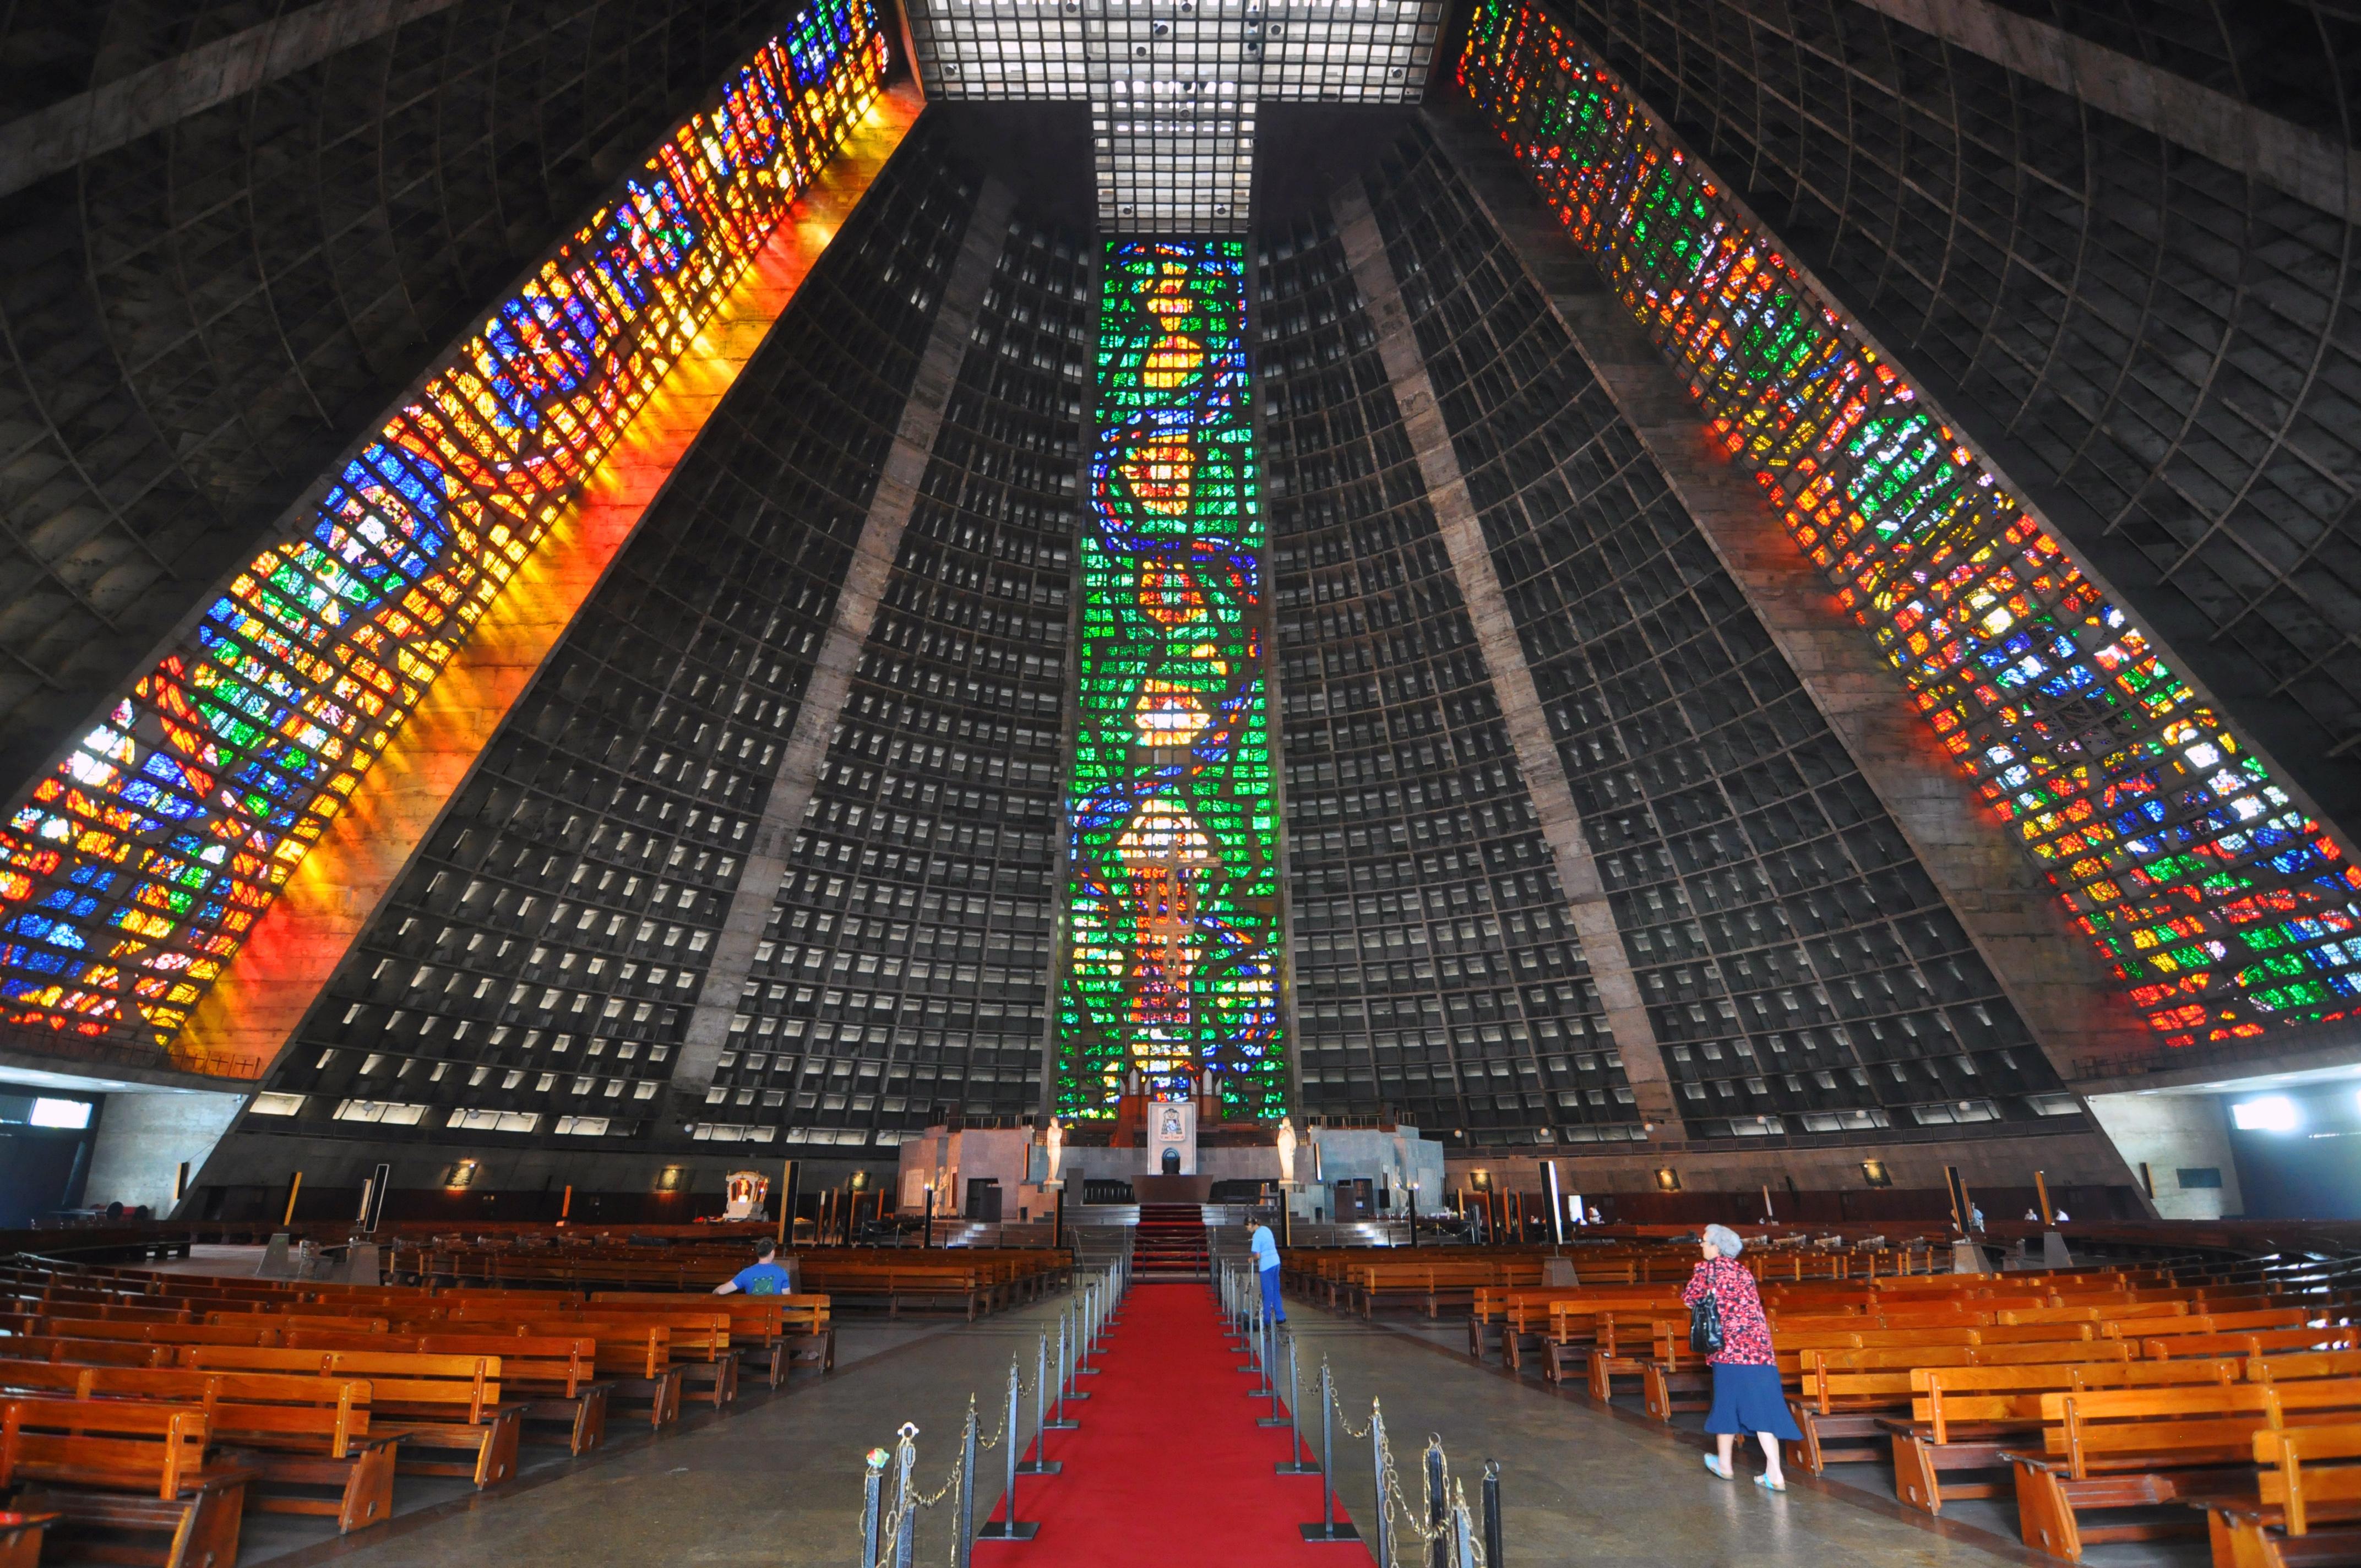 Rio_de_janeiro_cathedral_sao_sebastiao_2